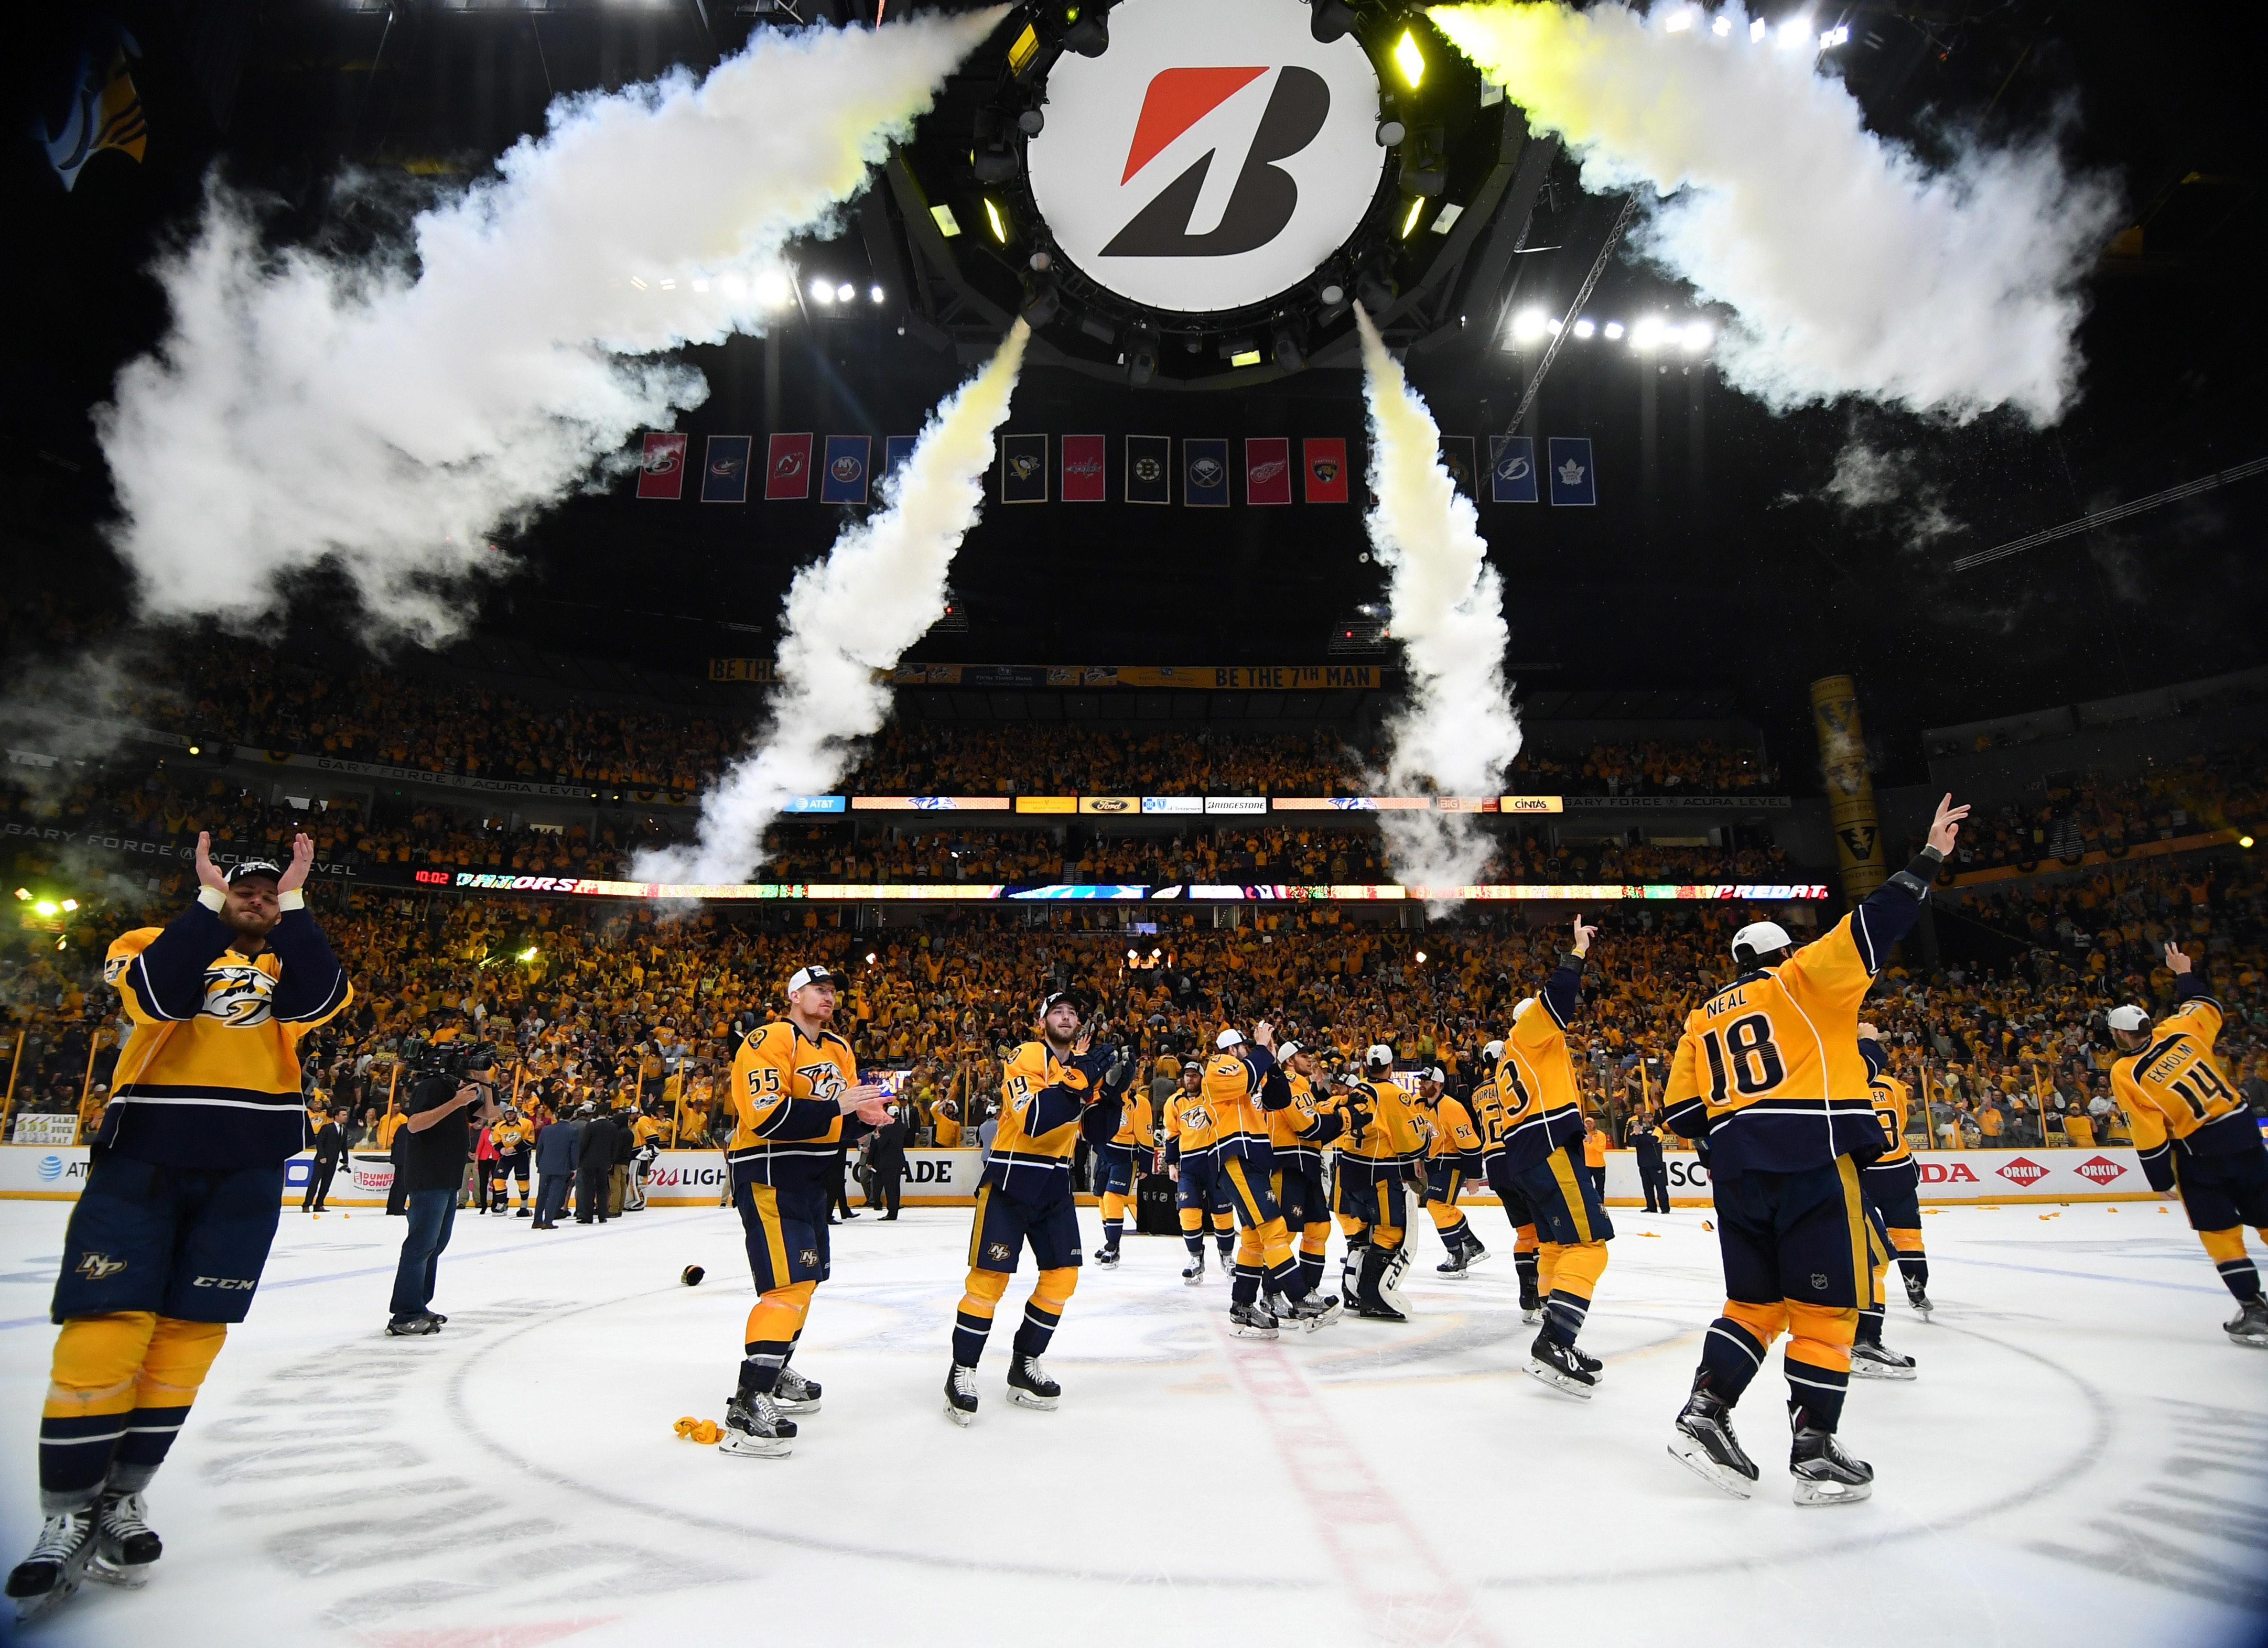 Нэшвилл празднует первый в истории выход в финал плей-офф НХЛ. Фото: Reuters